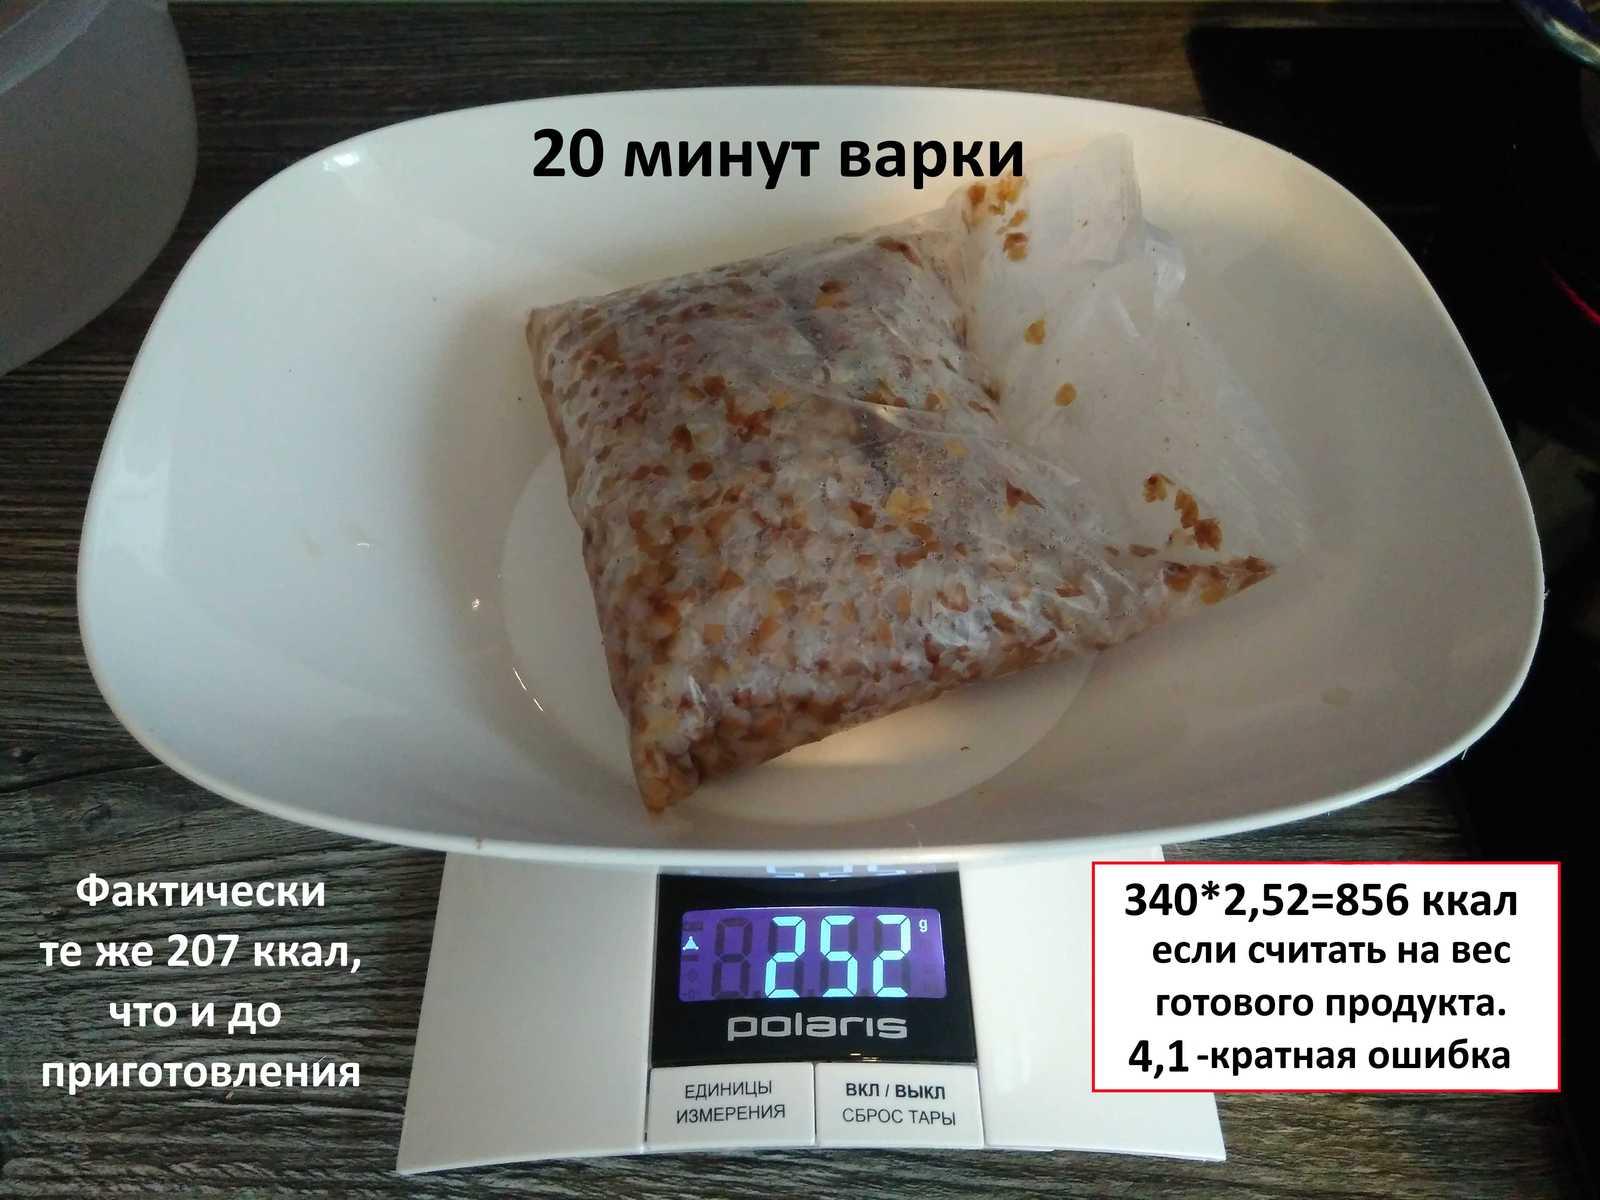 Как считать калории, чтобы похудеть — считаем калории в еде: счетчик калорий для худеющих — расчет калорий в продуктах